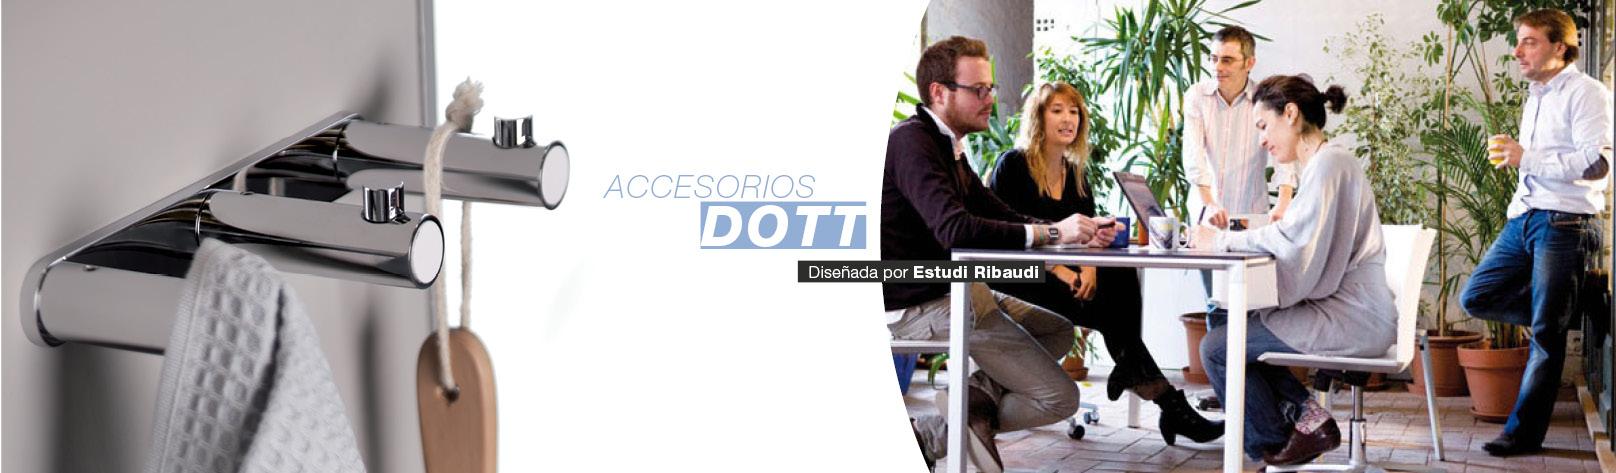 Accesorios de diseño para el baño Dott